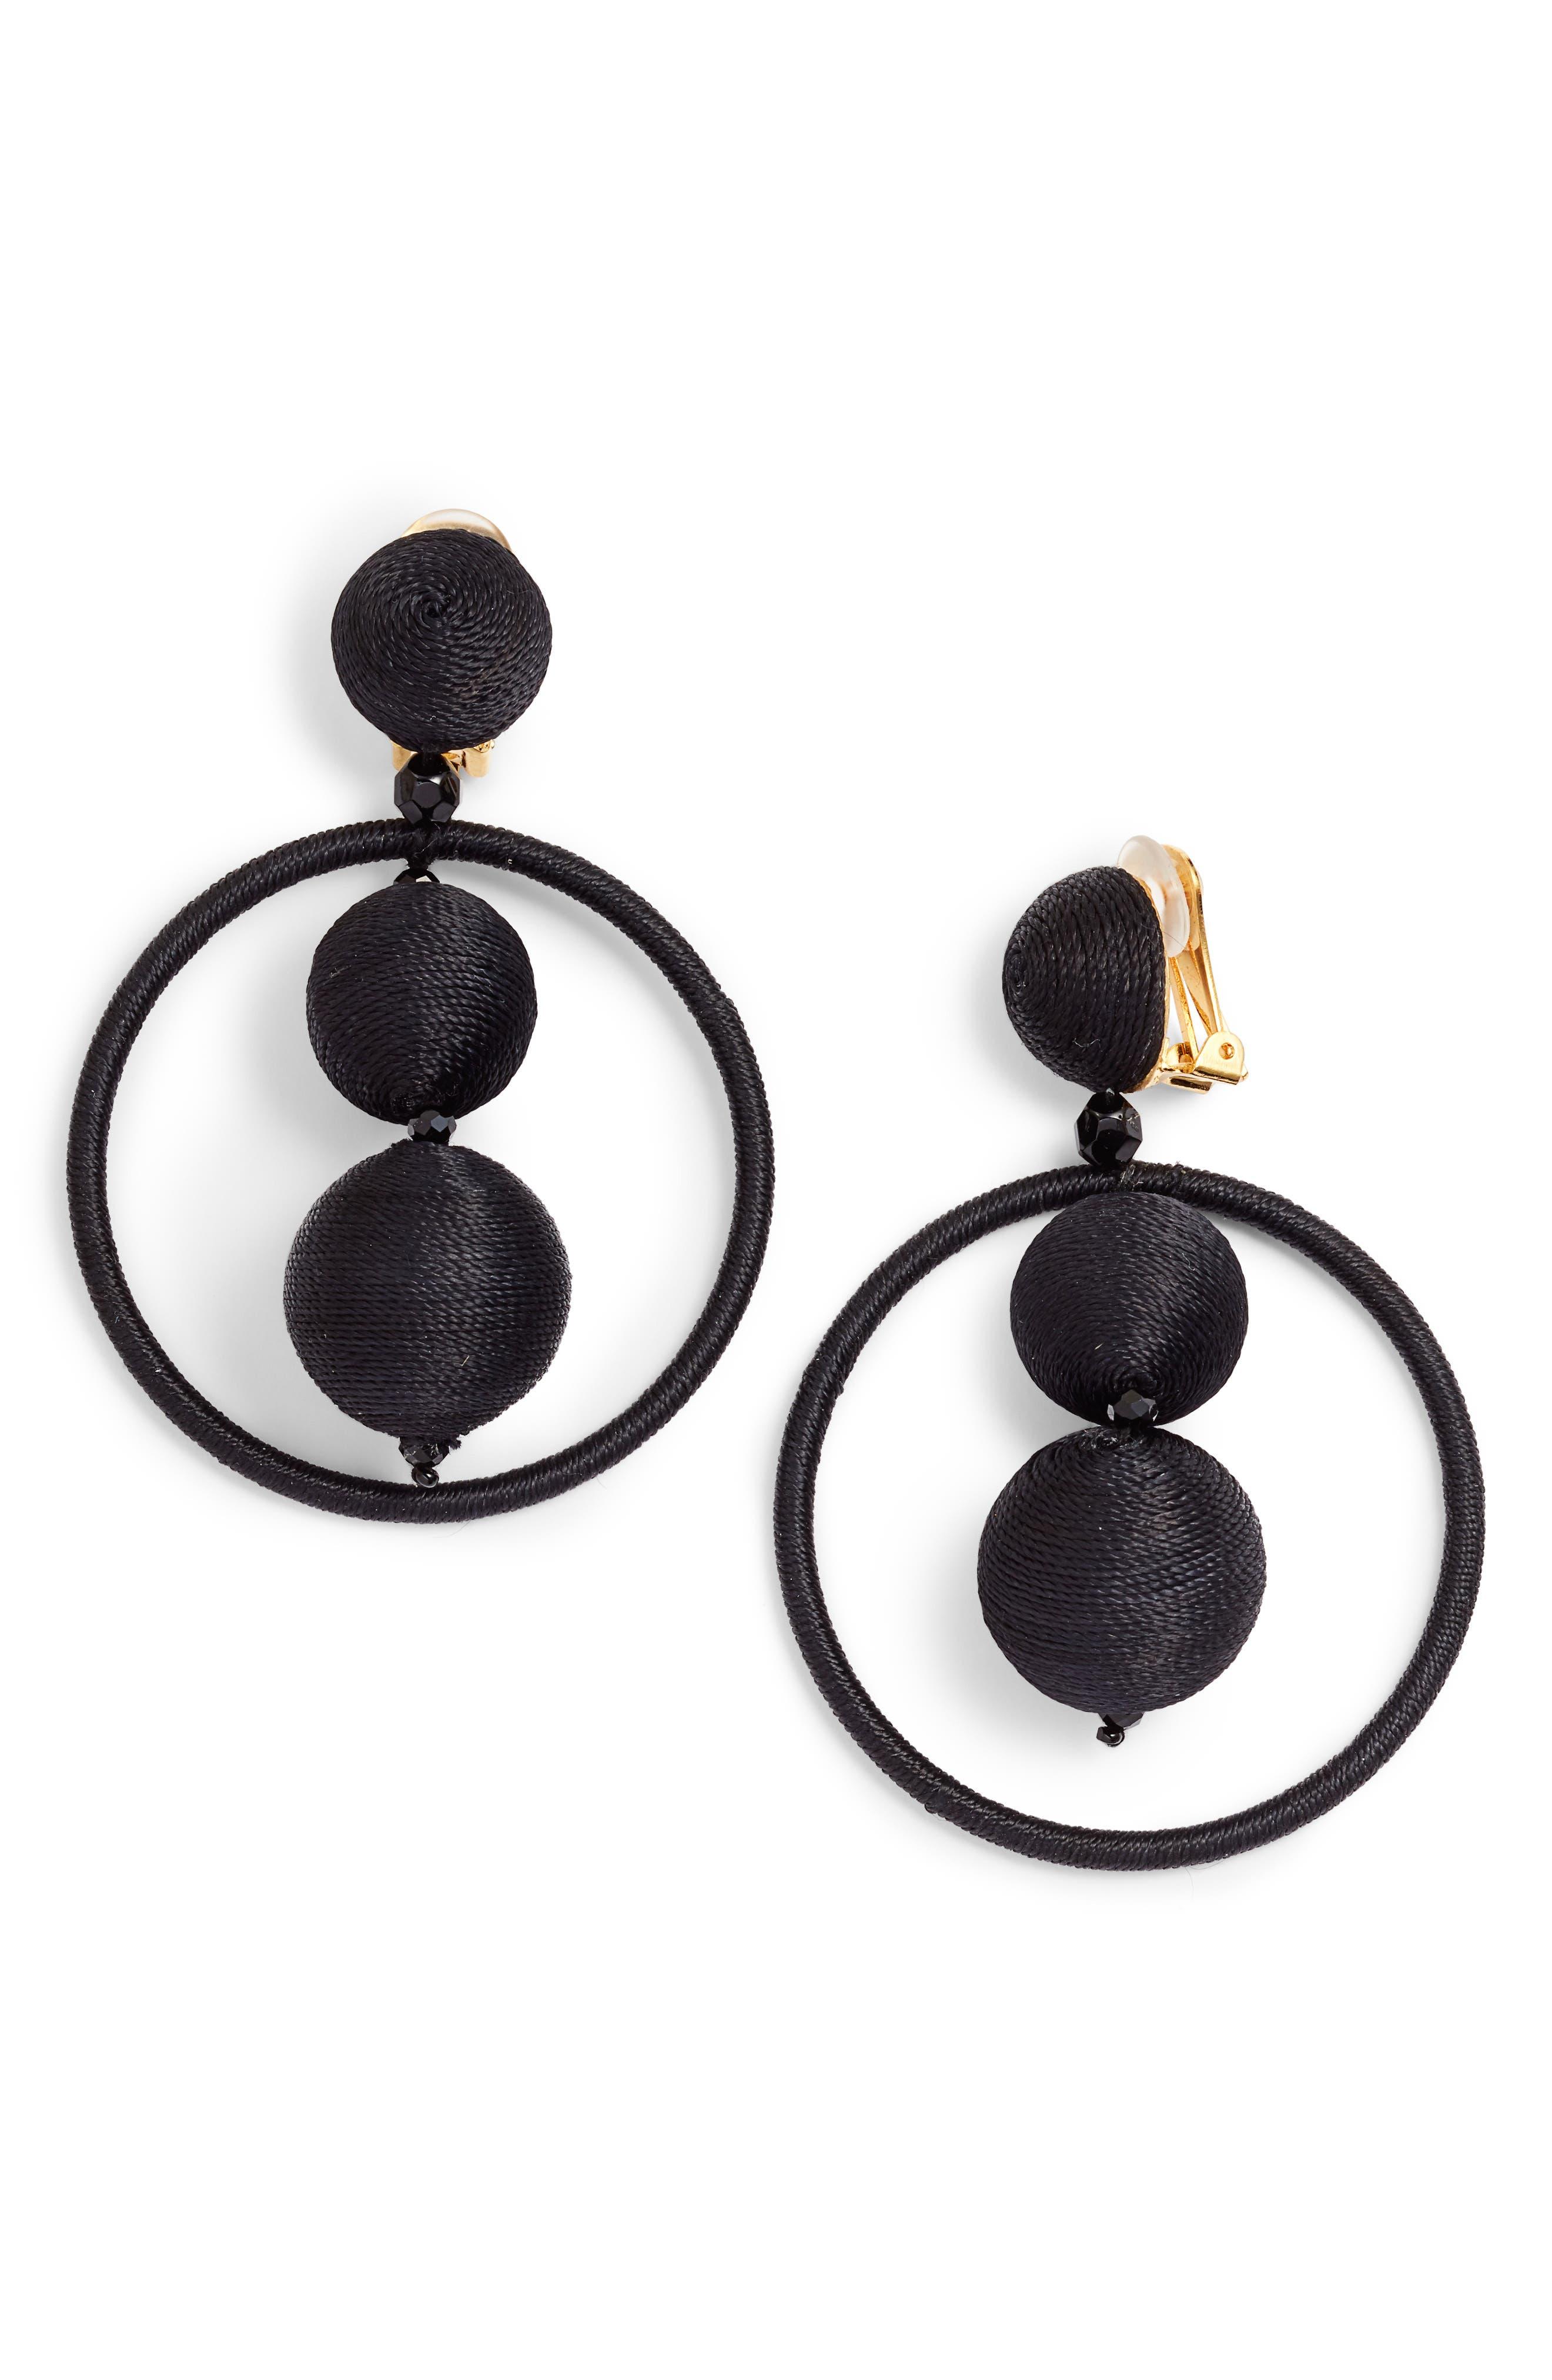 OSCAR DE LA RENTA,                             Double Beaded Ball Hoop Clip-On Earrings,                             Main thumbnail 1, color,                             001